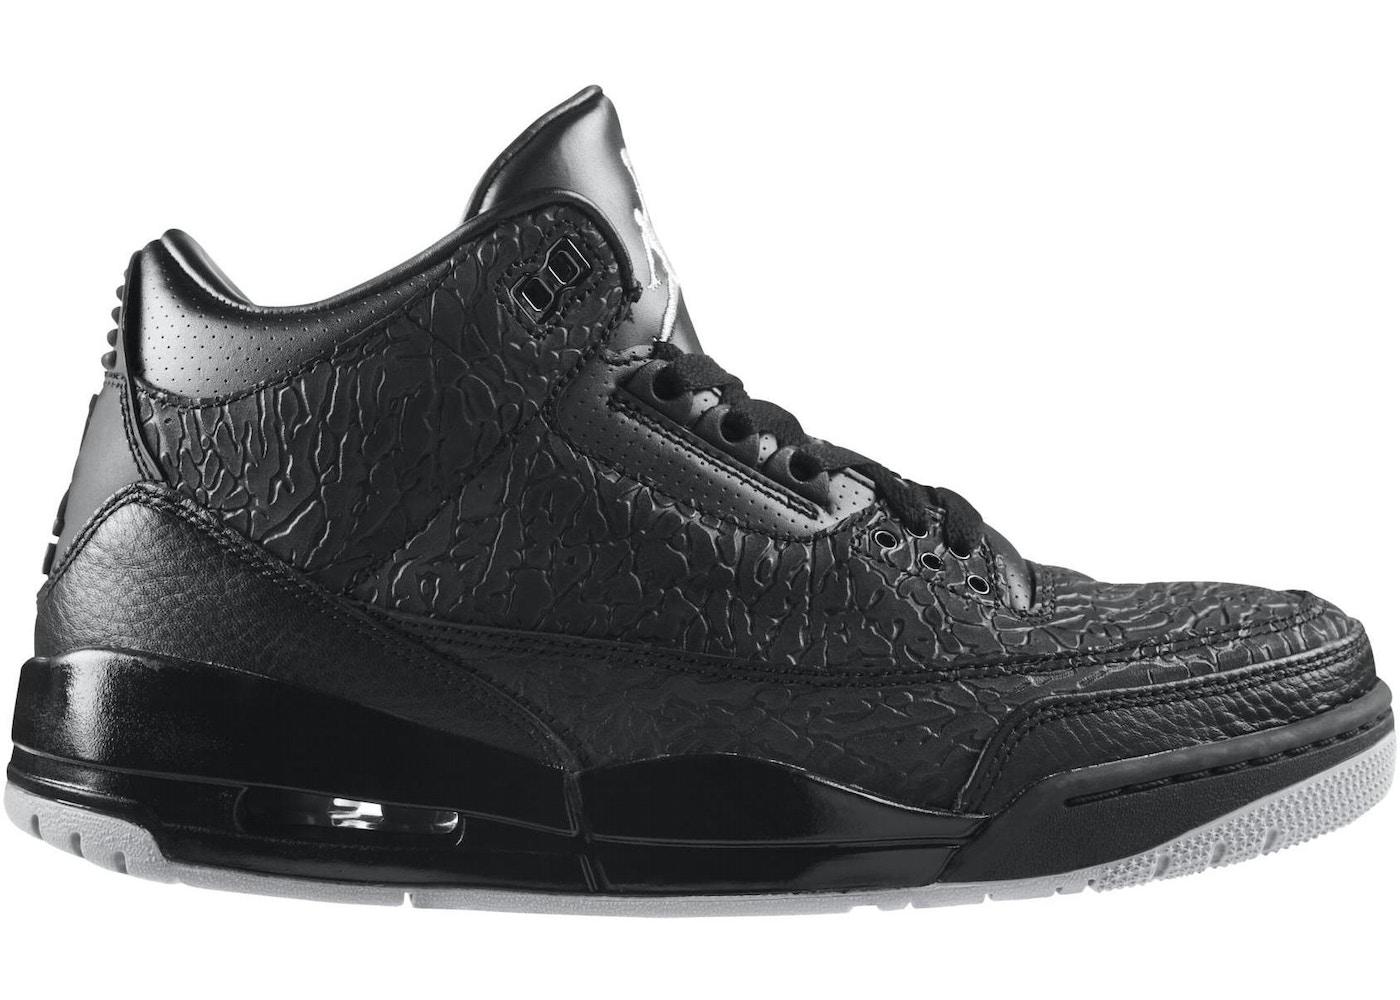 ee4104b53497 Buy Air Jordan 3 Size 18 Shoes   Deadstock Sneakers